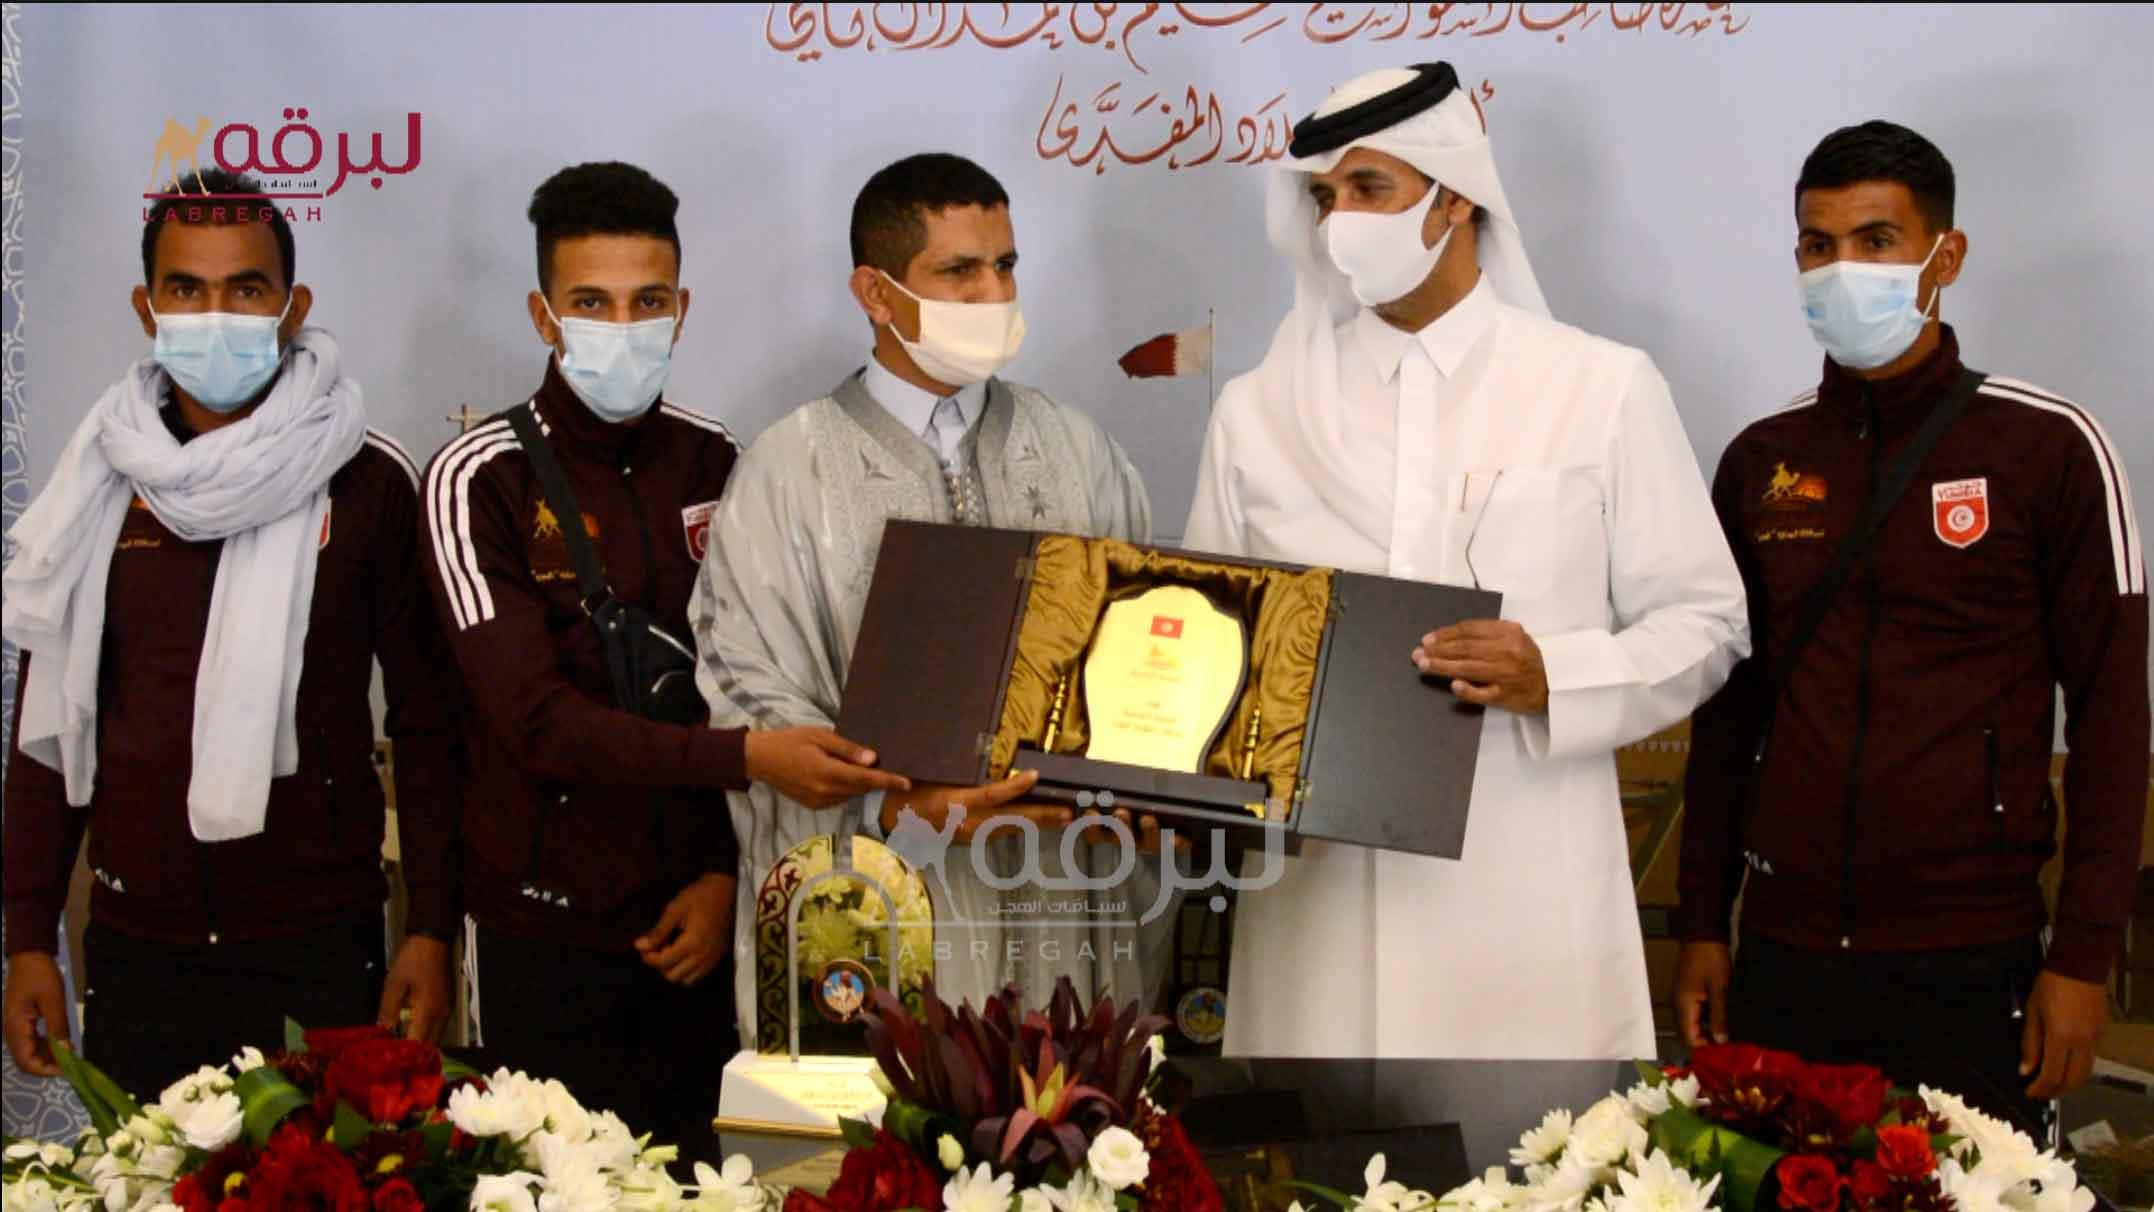 تكريم روؤساء الإتحادات العربية للهجن (بمهرجان سمو الأمير المفدى) مساء ٢٨-٣-٢٠٢١